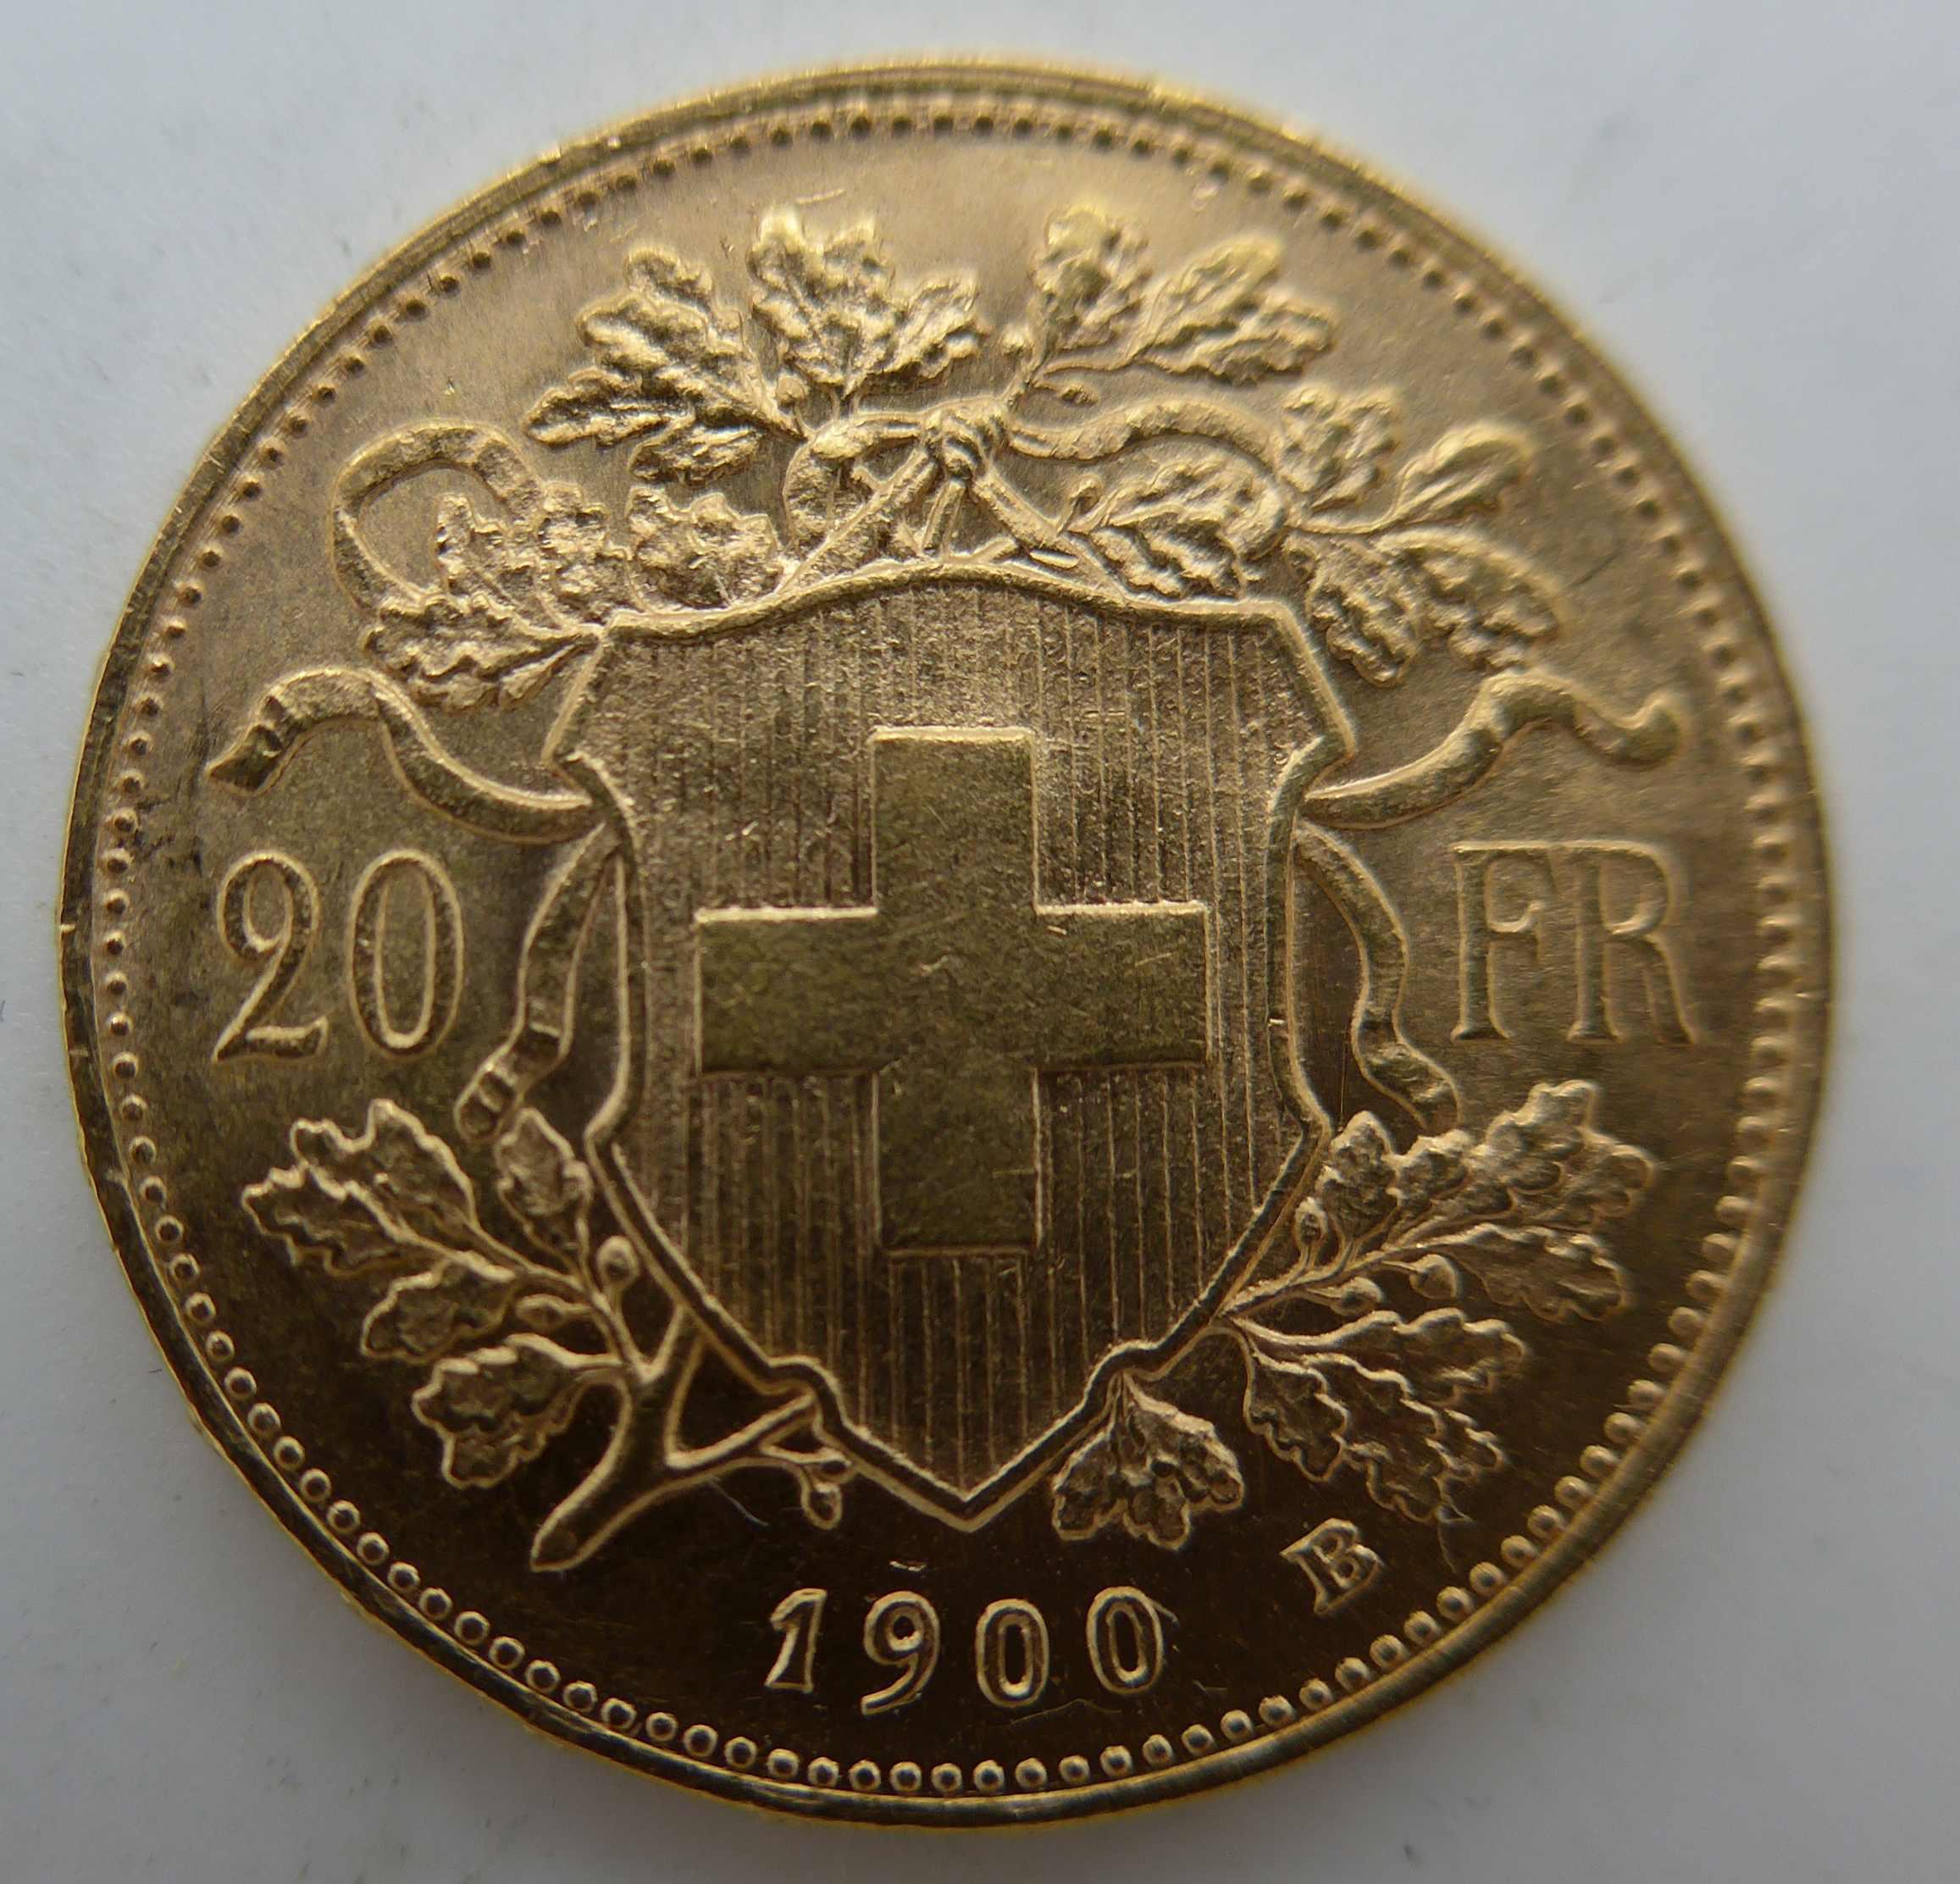 Vreneli 1900 Goldmünze